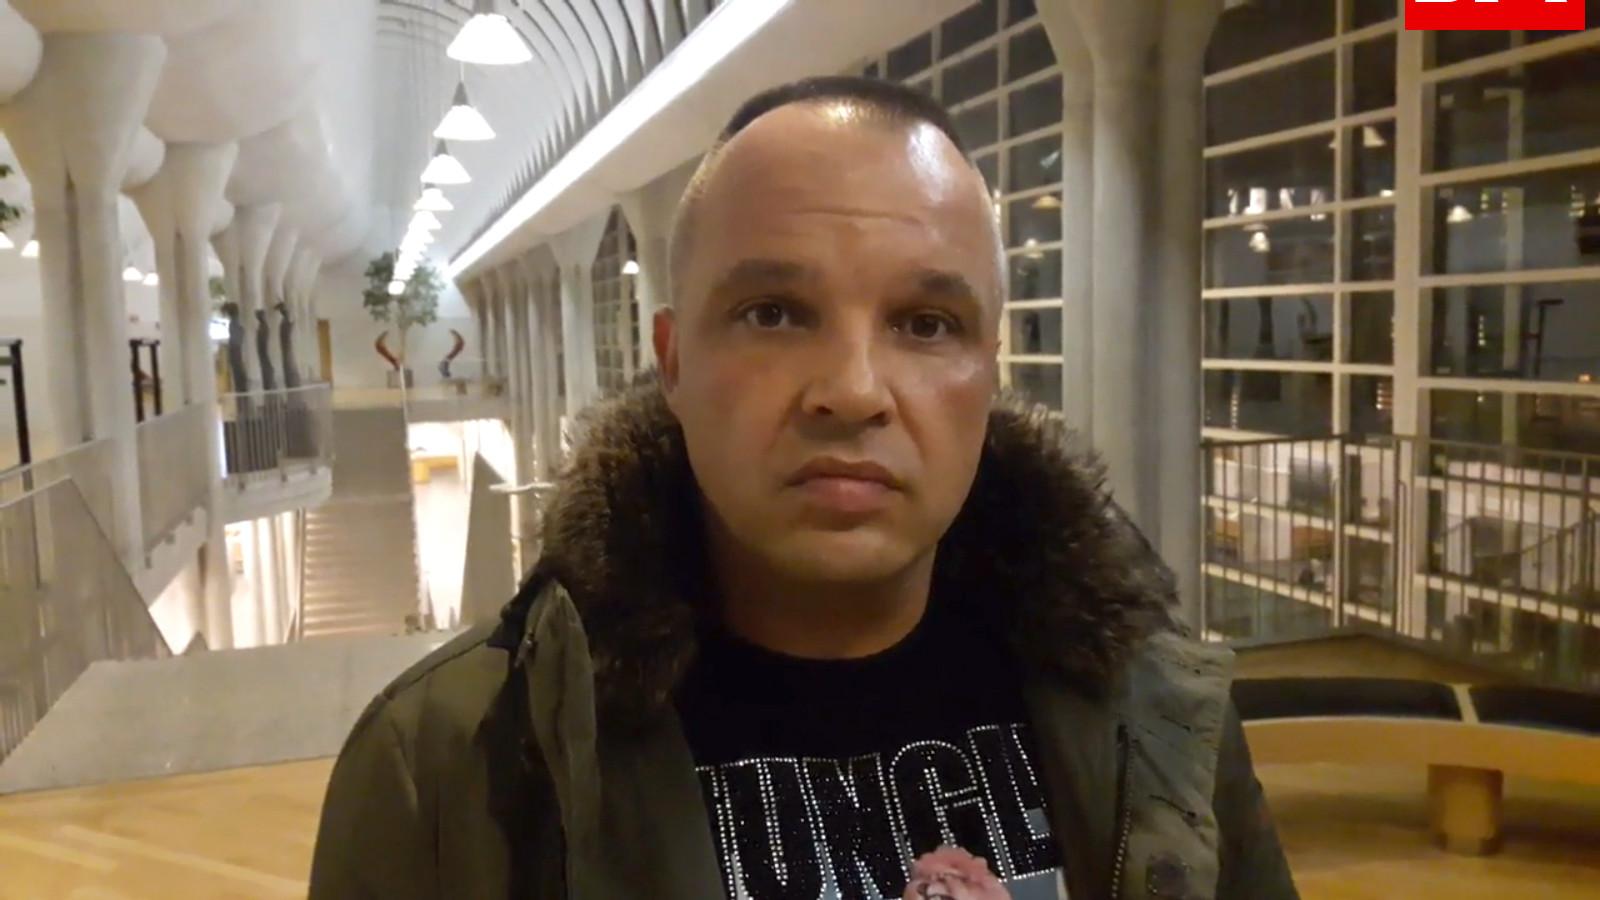 Corin Denis (38), de Tilburgse captain van motorclub No Surrender, moet volgens justitie vier jaar de cel in voor het leiden van een criminele drugsorganisatie.